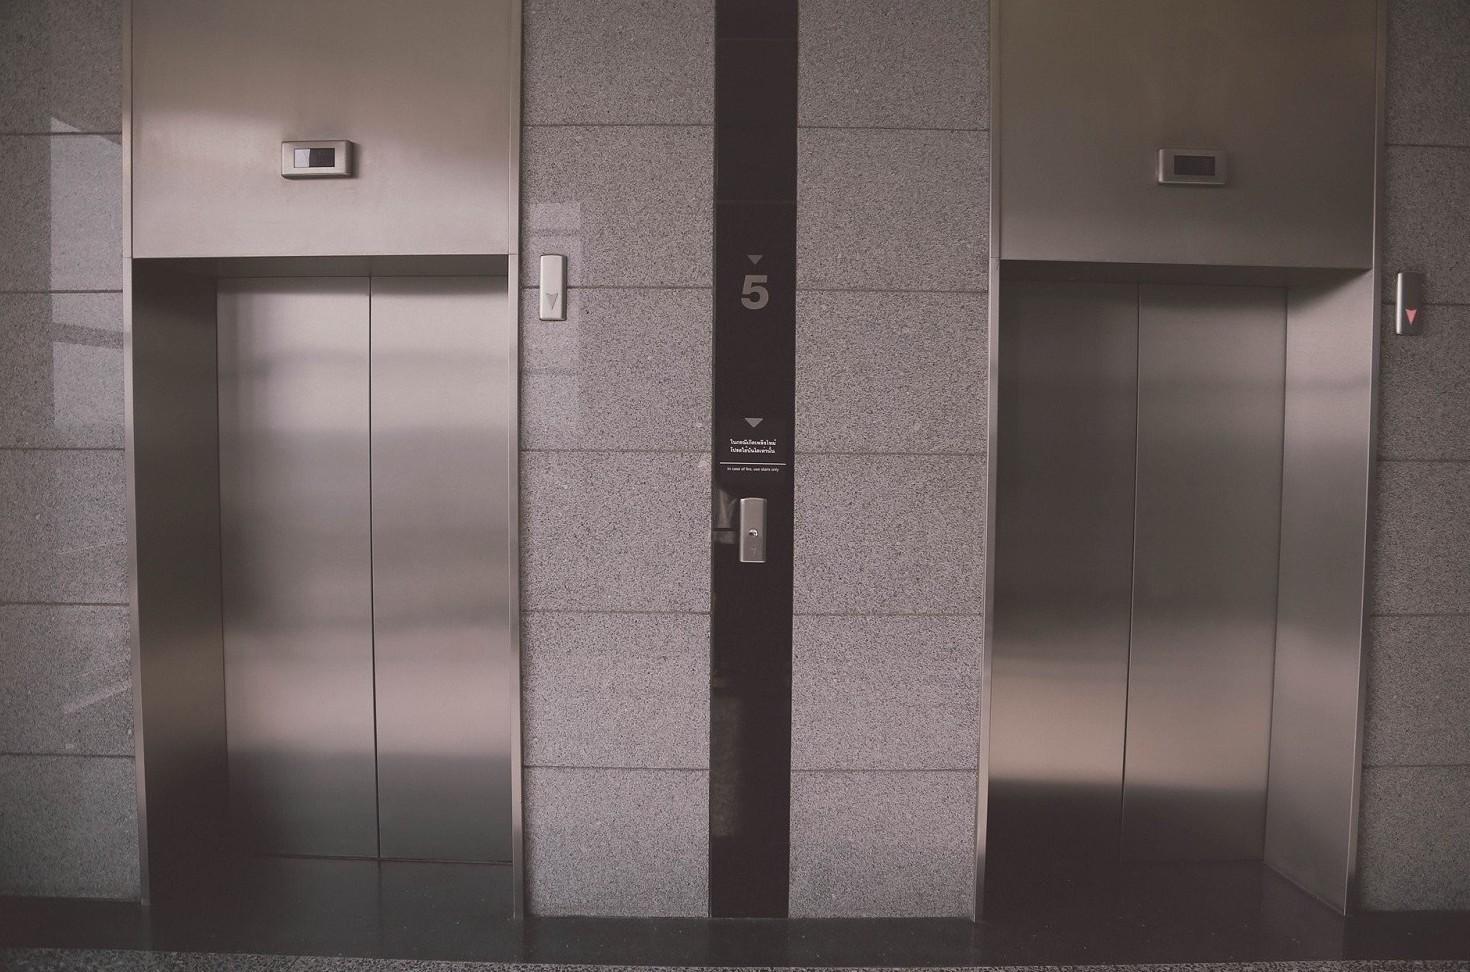 Spese ascensore come si dividono in condominio. Calcolo e ripartizione